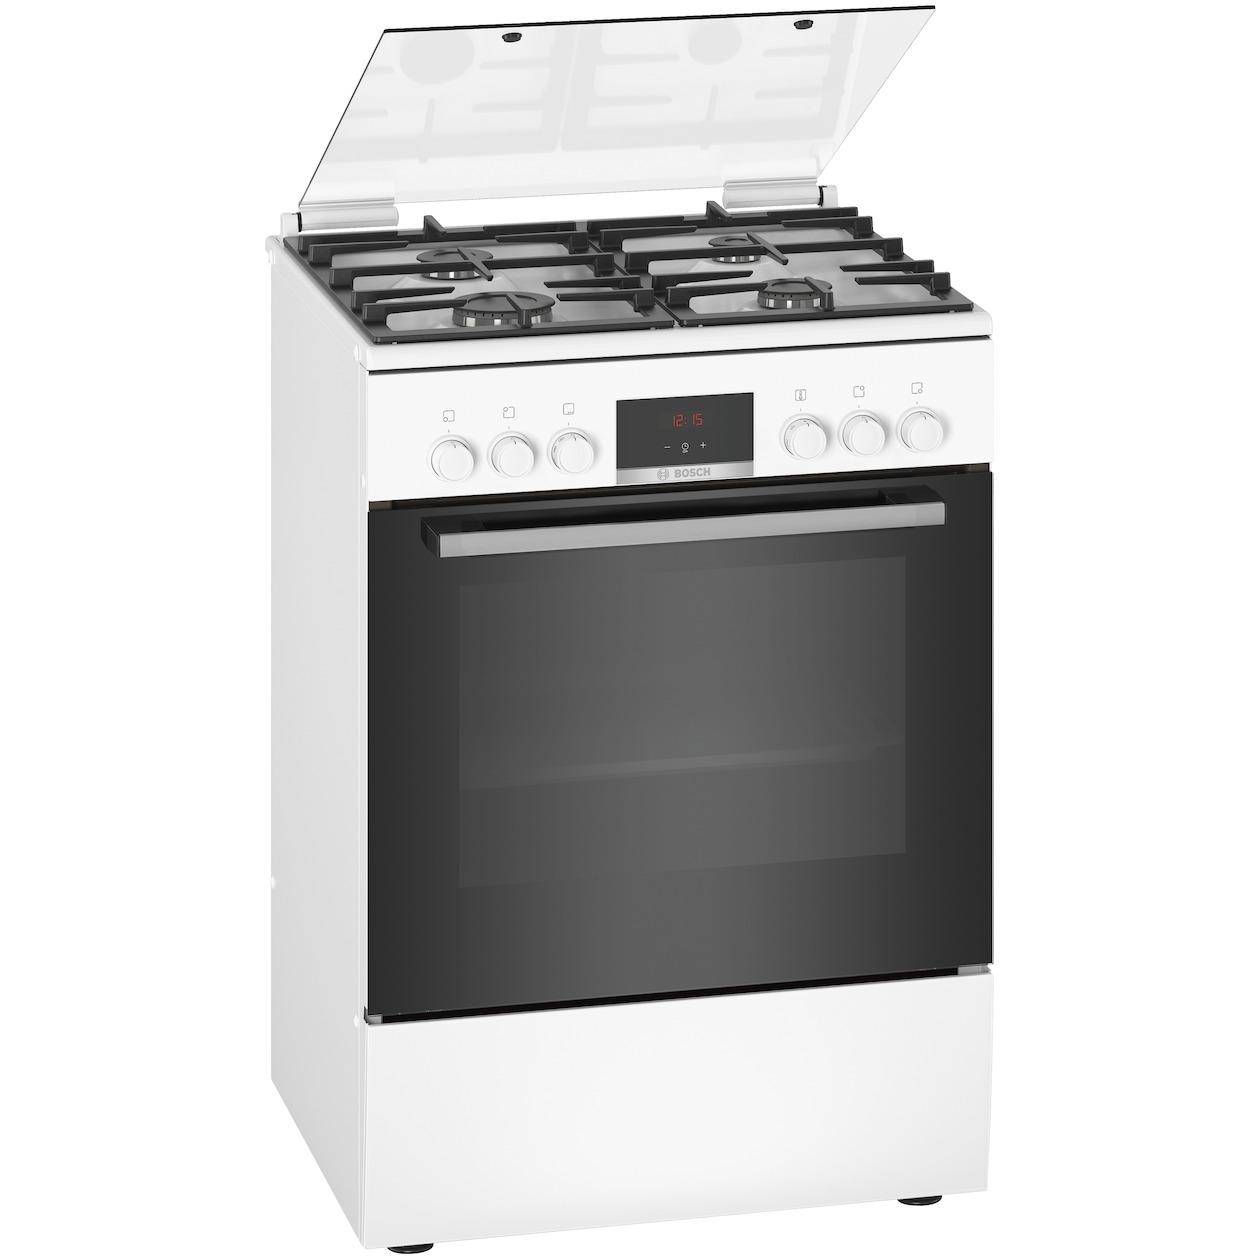 Bosch gasfornuis HXN391E20N wit - Prijsvergelijk